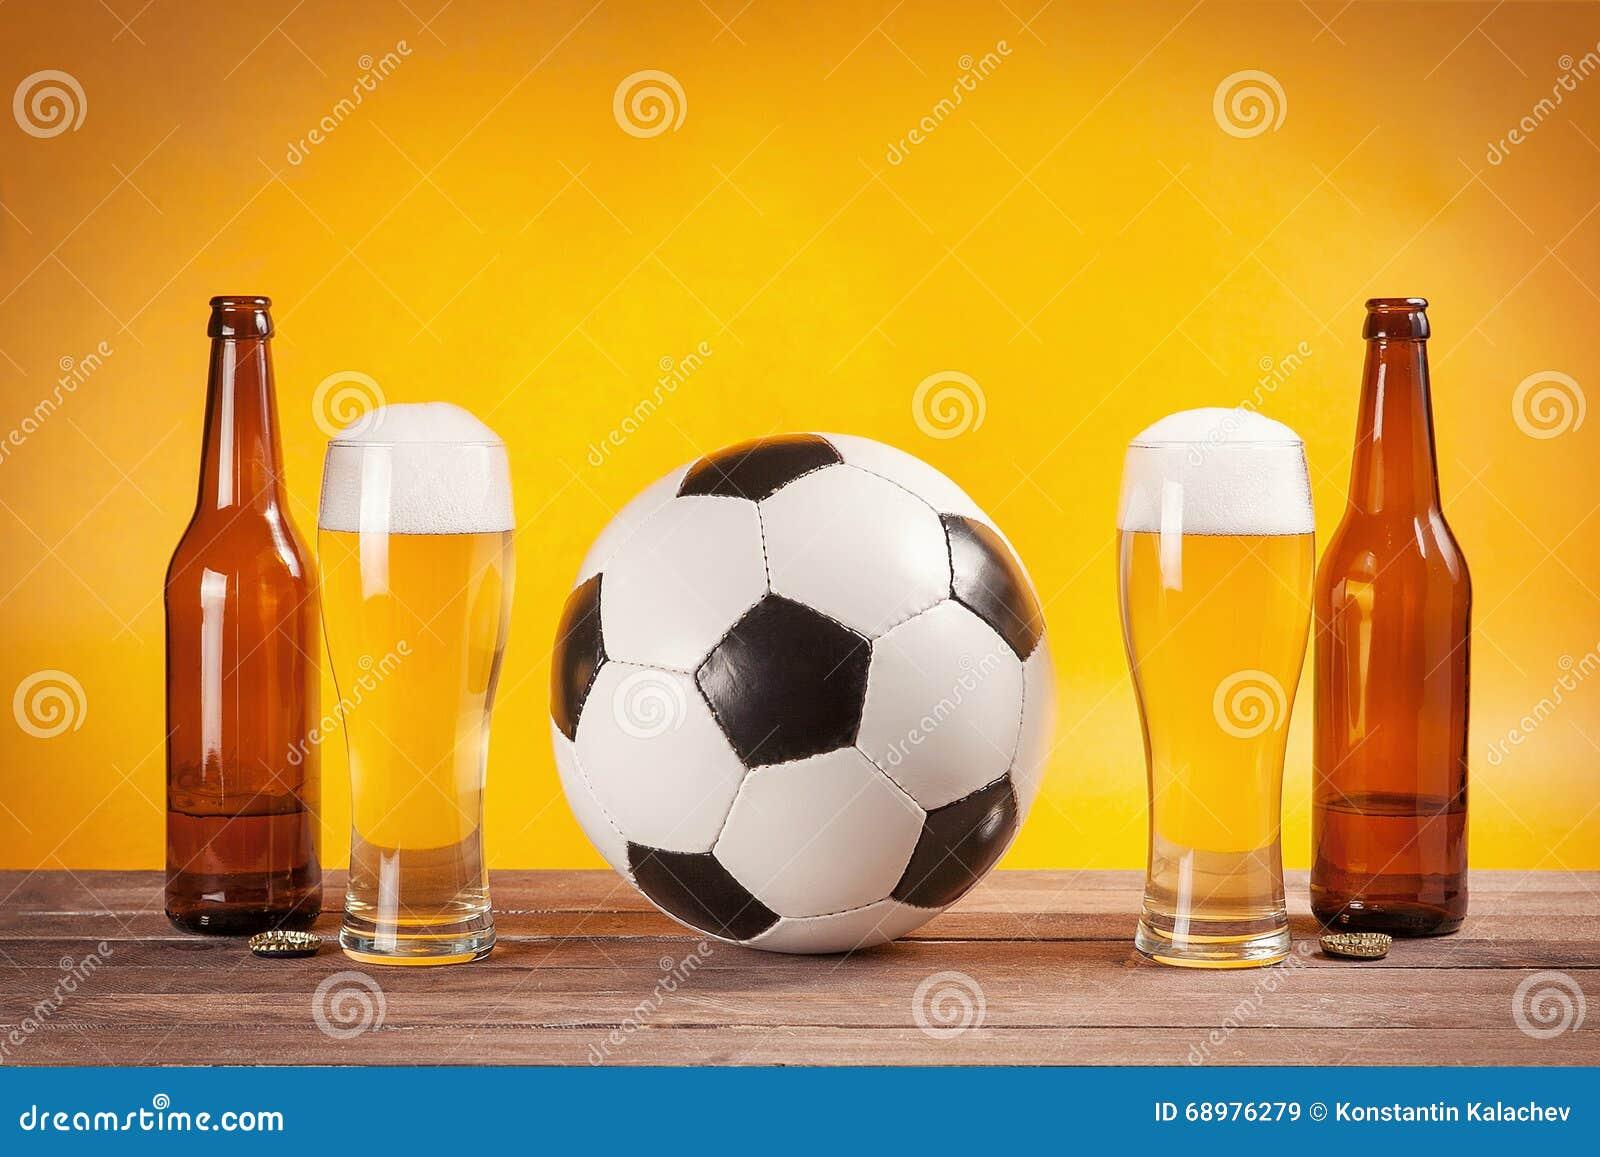 Dos vidrios de cerveza y de botellas acercan al balón de fútbol